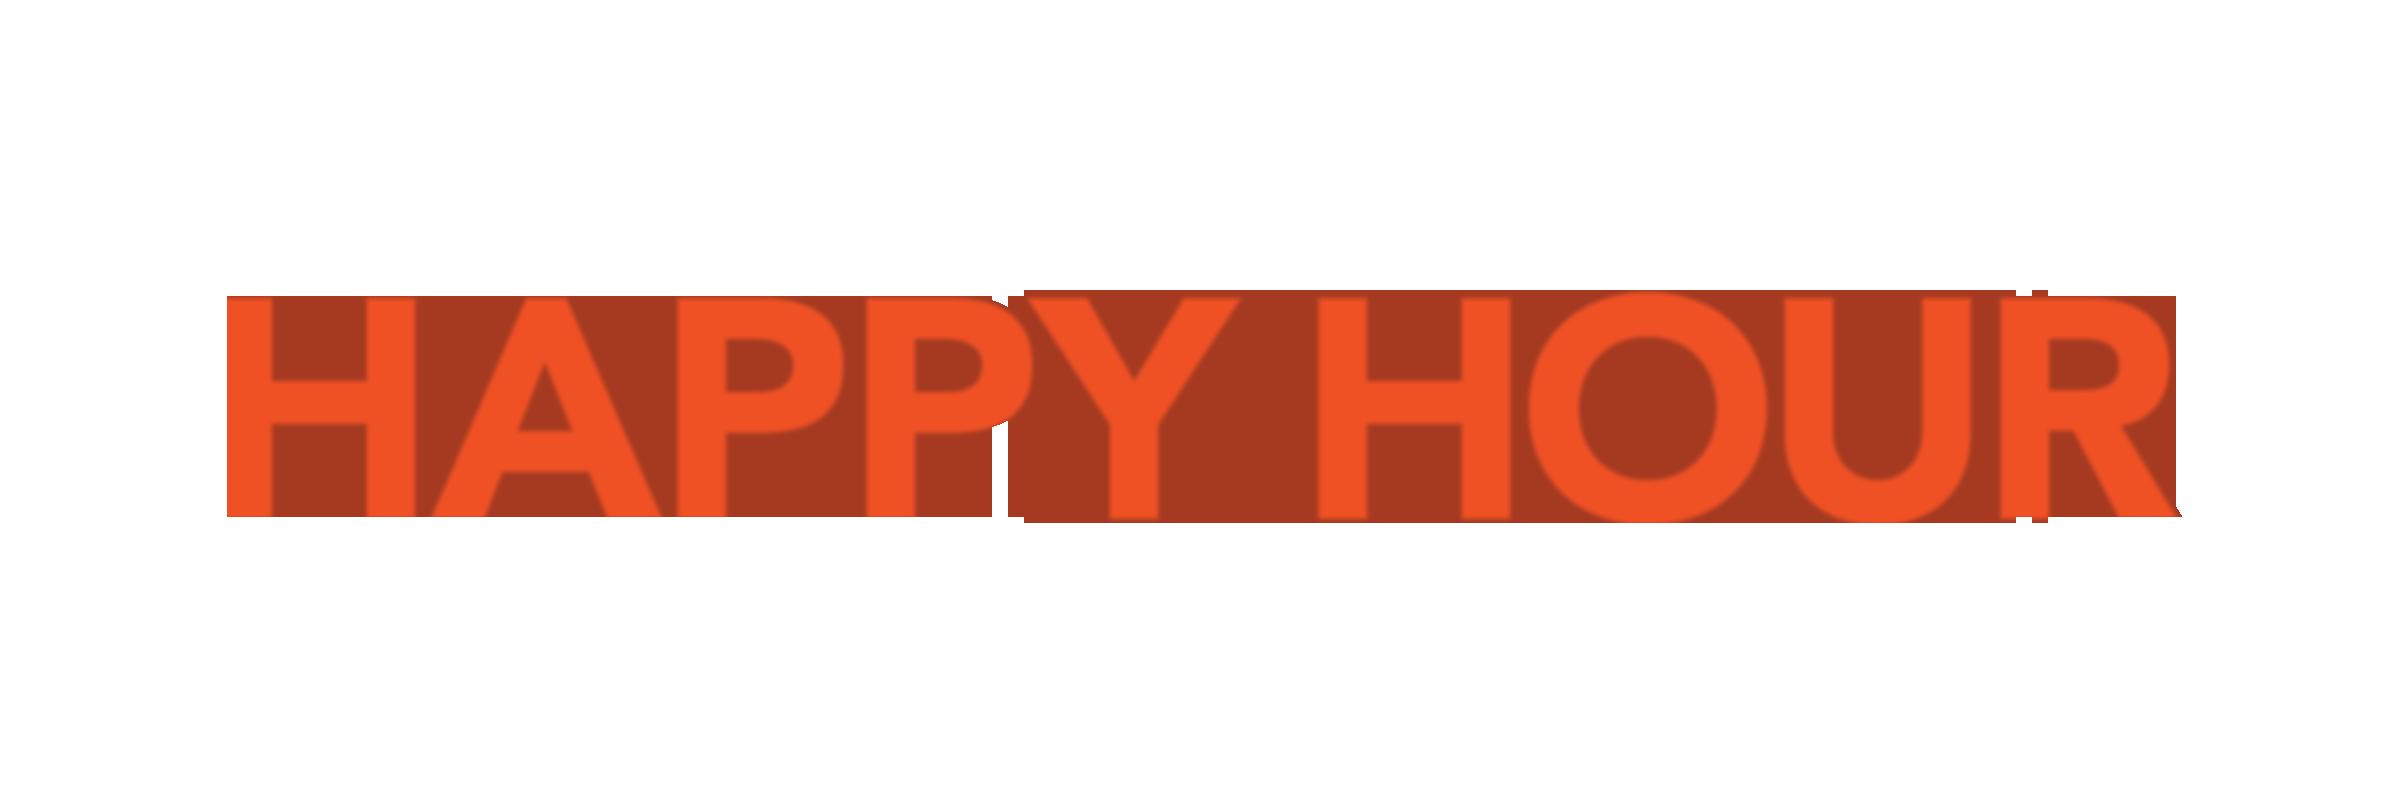 happyhour.png